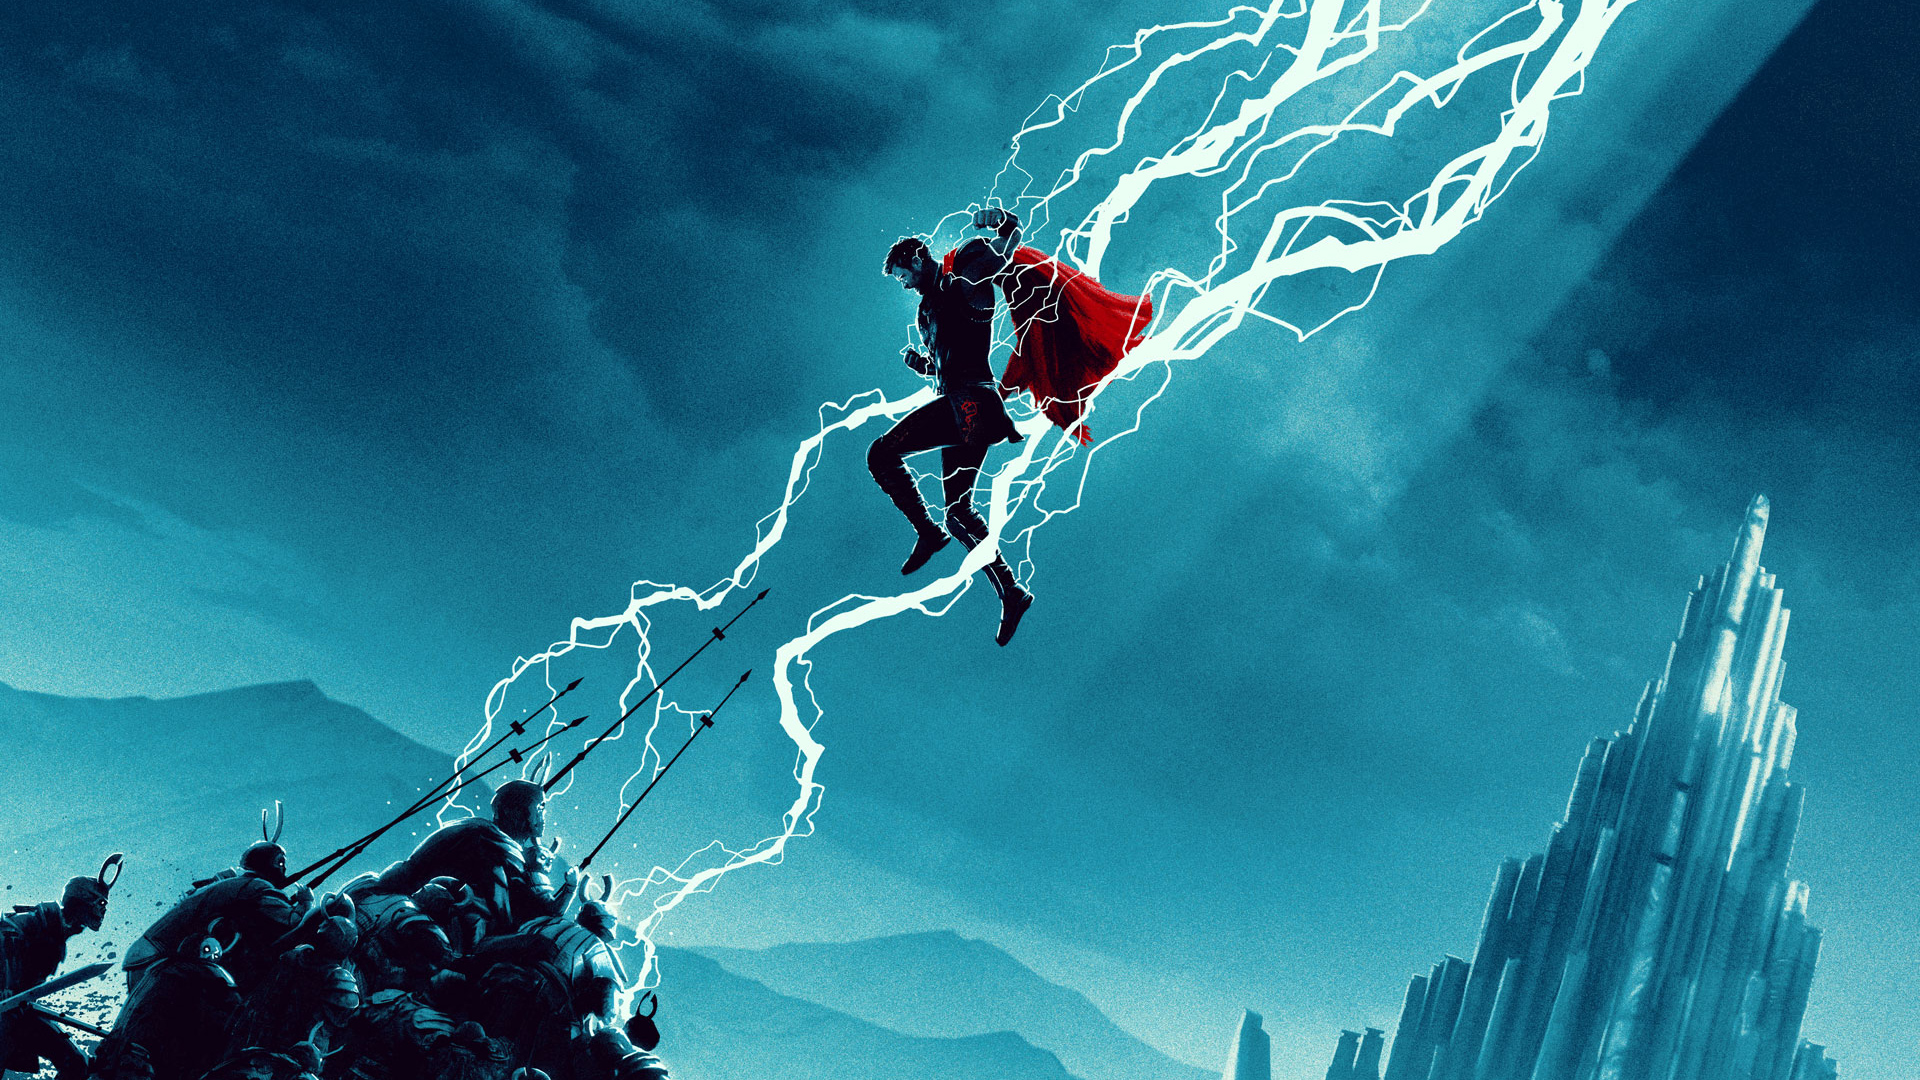 Thor Ragnarok Movie Artwork 2018 Hd Superheroes 4k Wallpapers